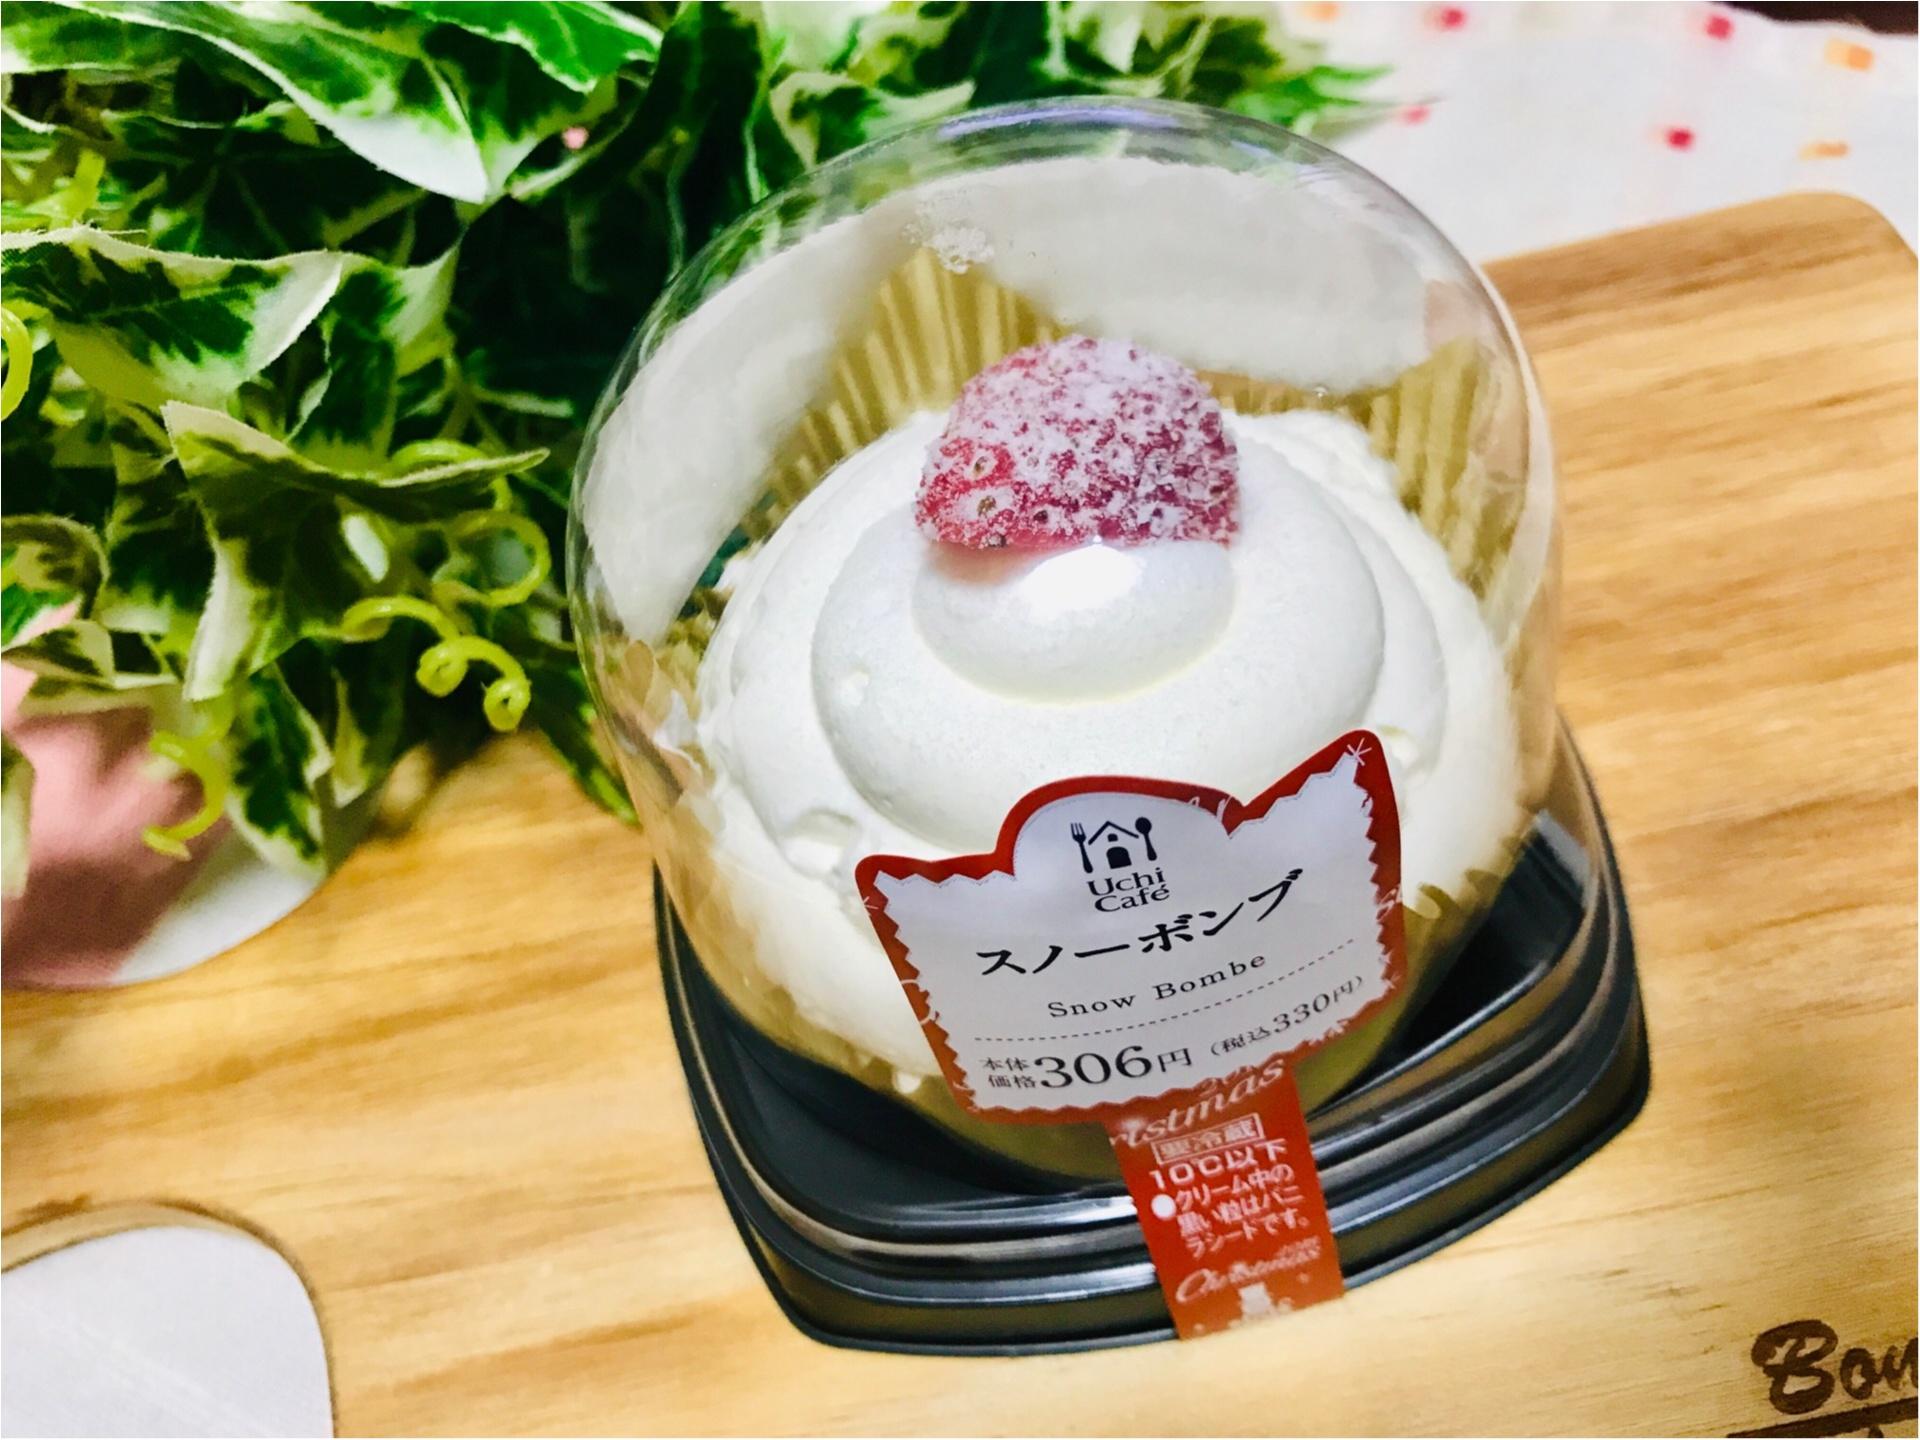 【ローソン】味は本格級★おひとりさま用《クリスマスケーキ》が可愛いすぎる♡_1